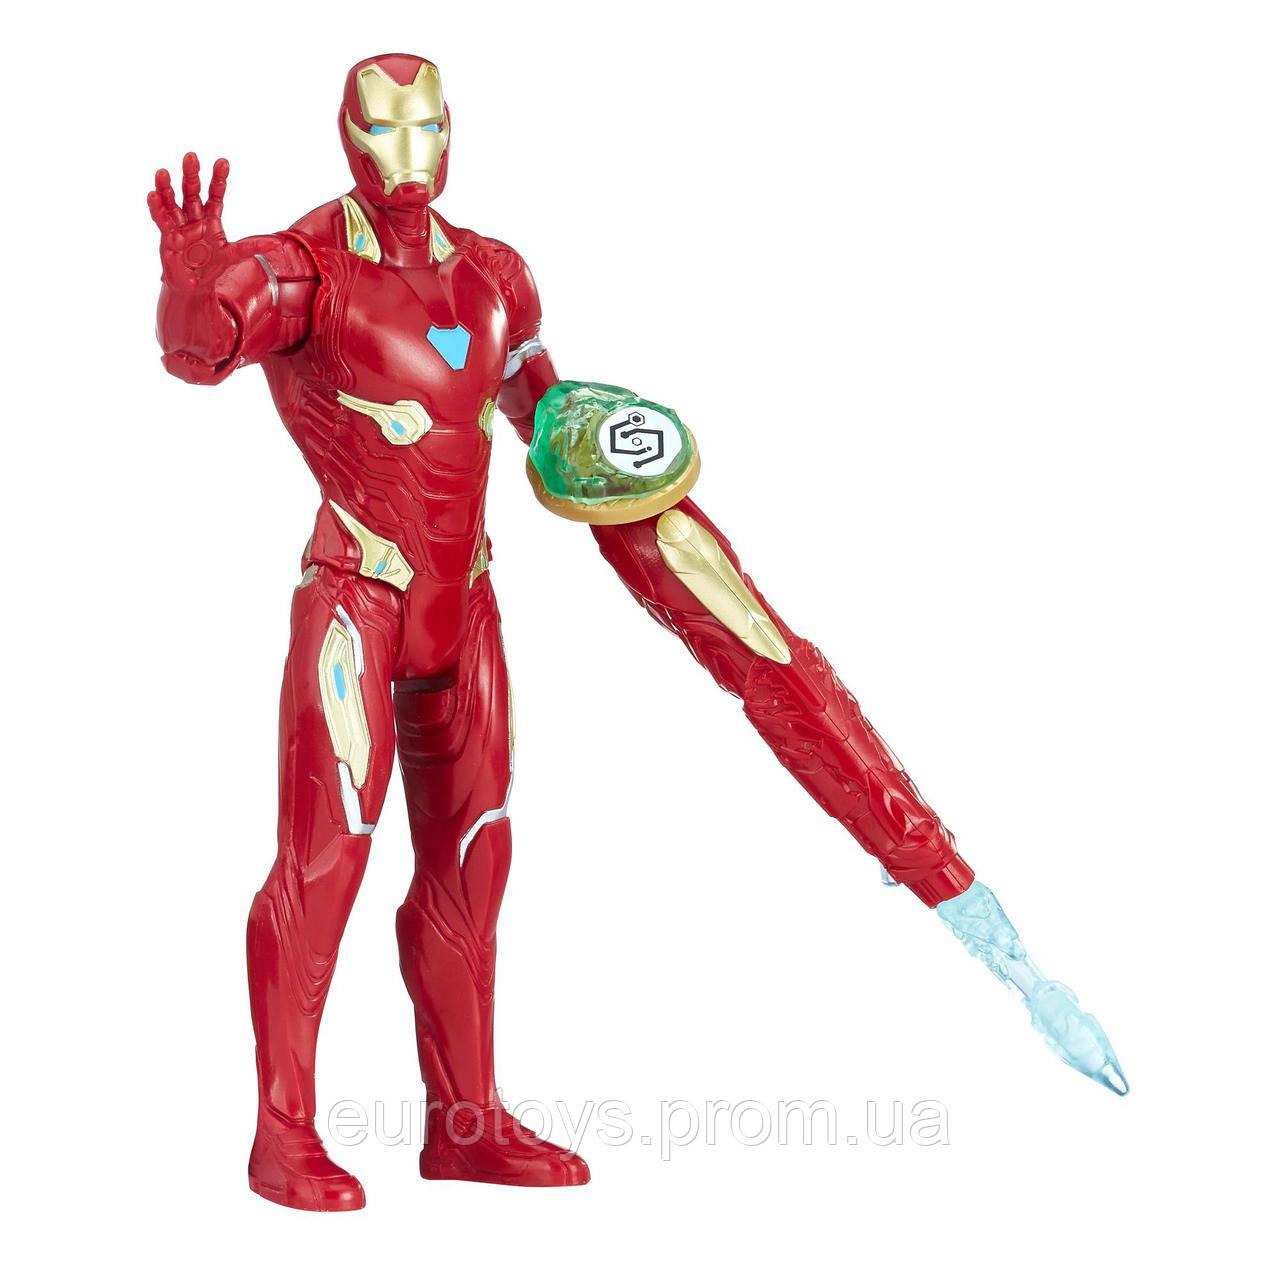 AVN Фигурка Мстители 15см и камни бесконечности - Железный Человек